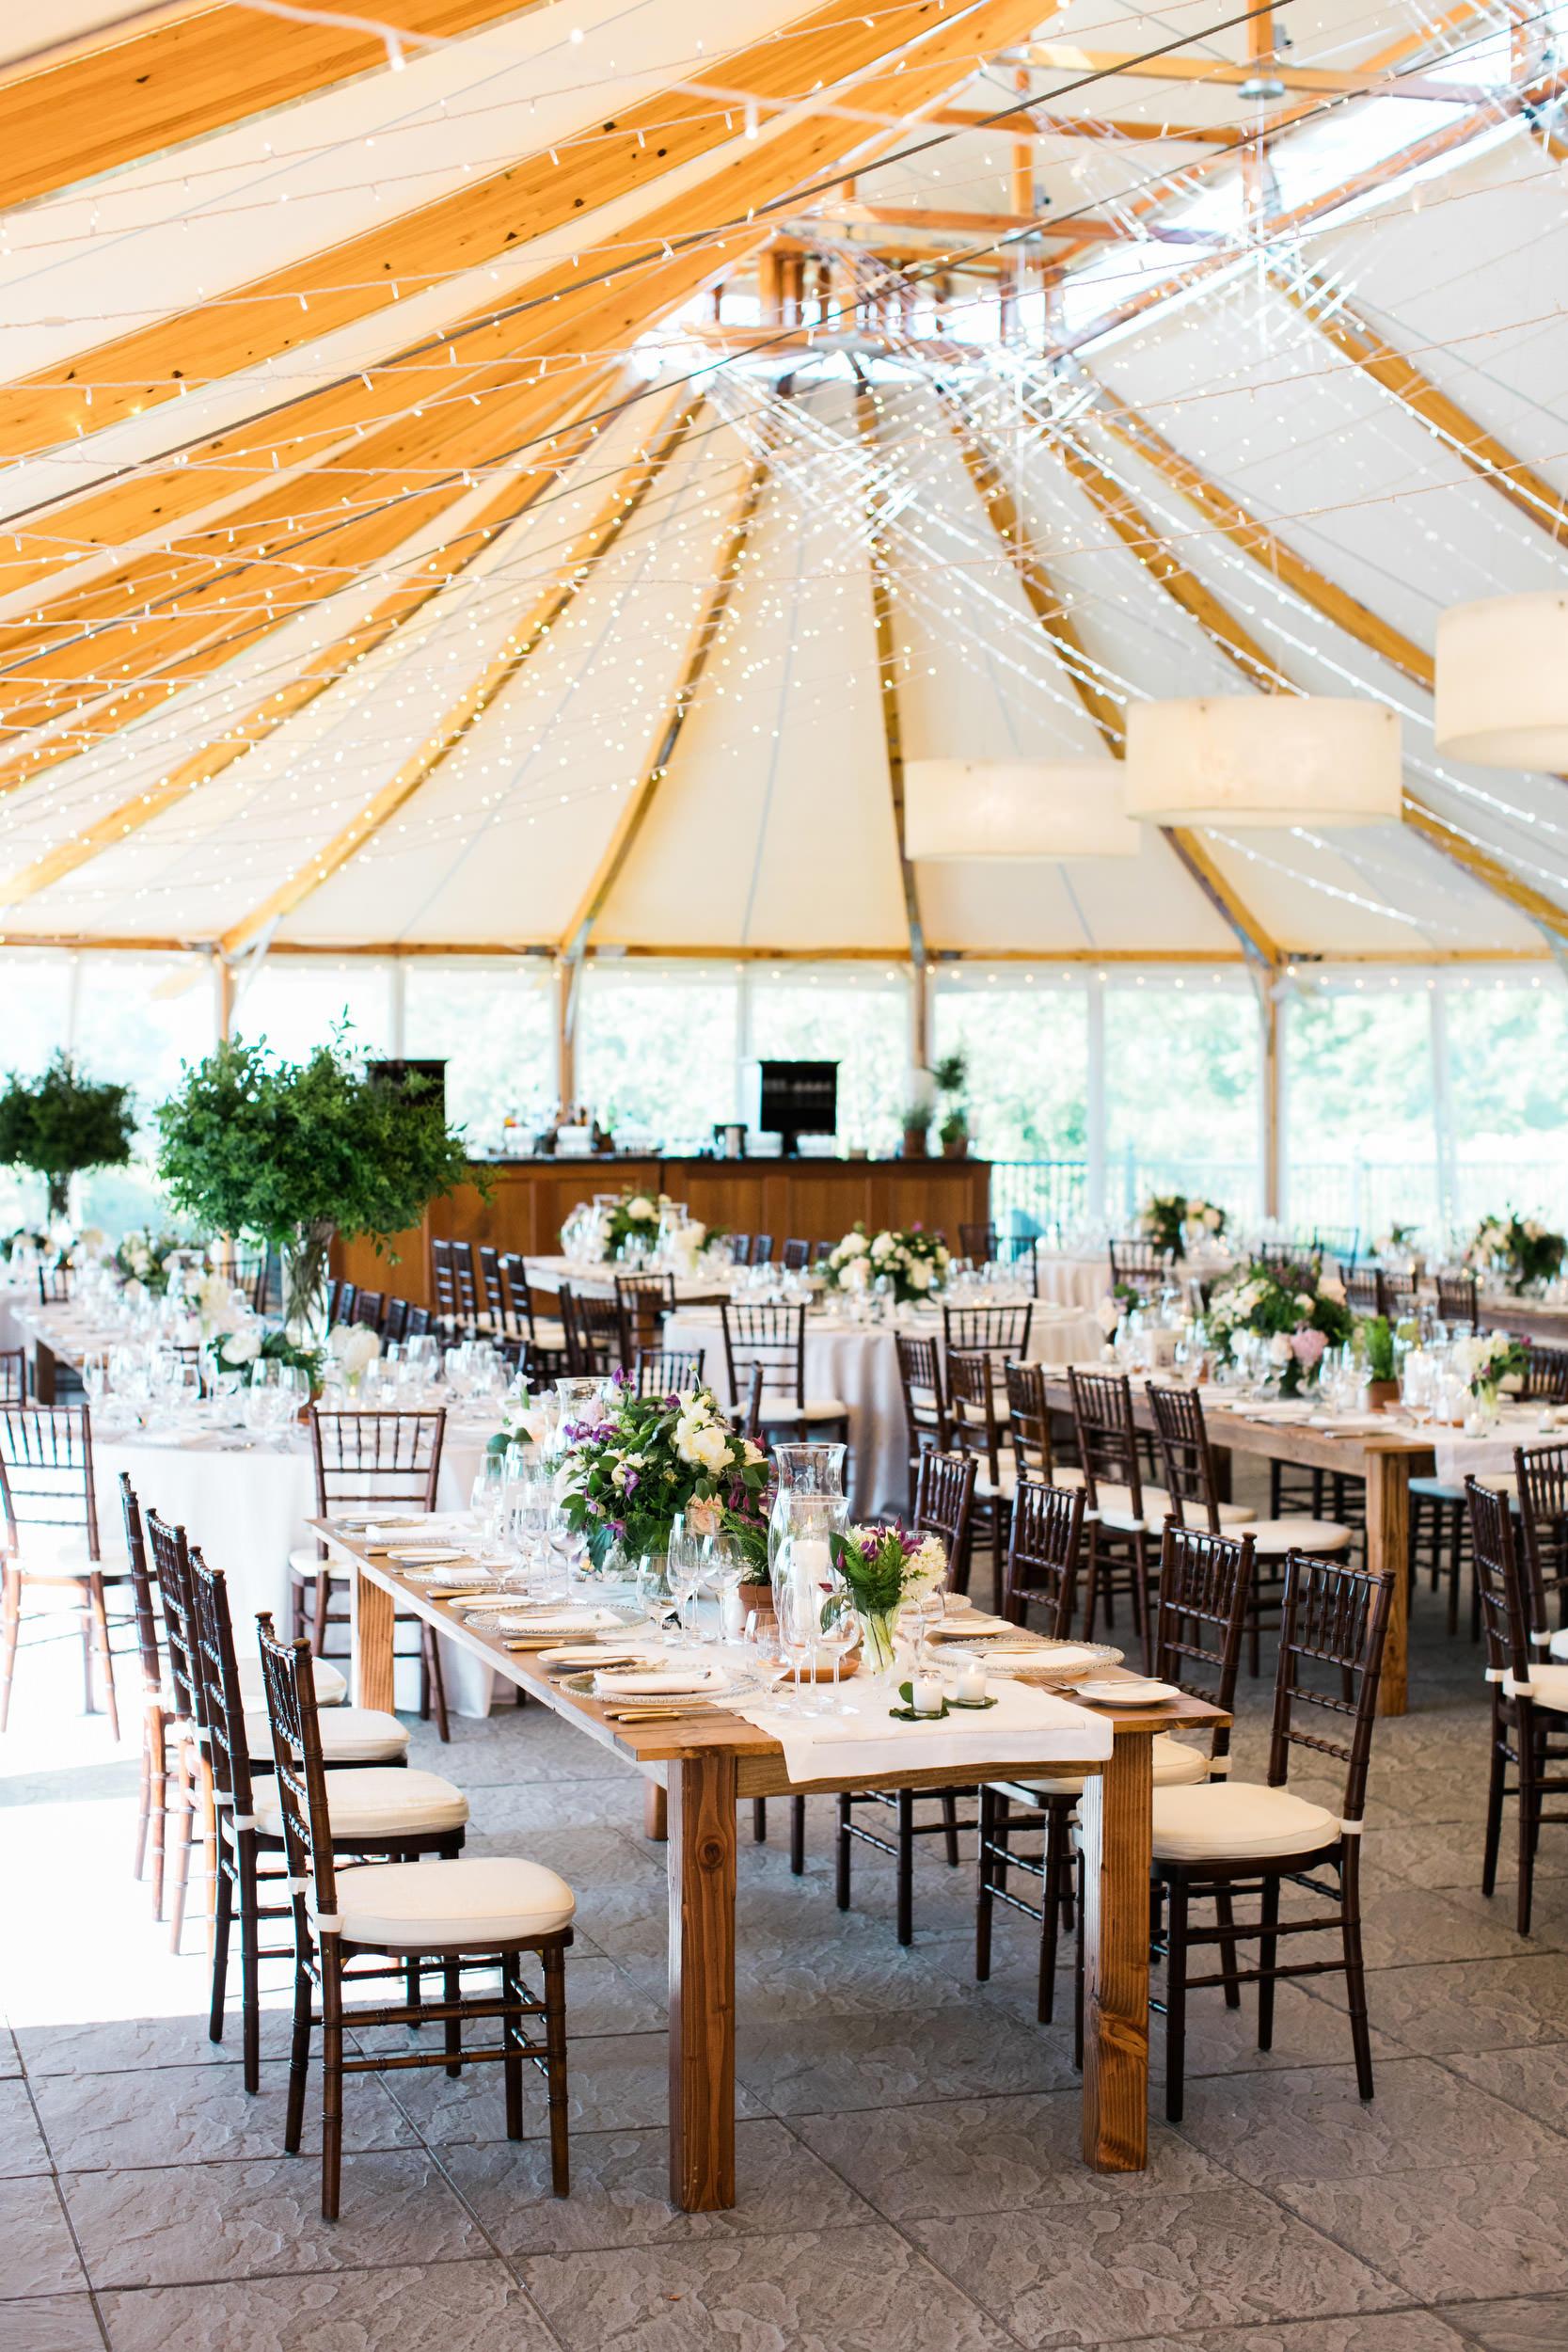 castle_hill_inn_wedding_photos_032.jpg